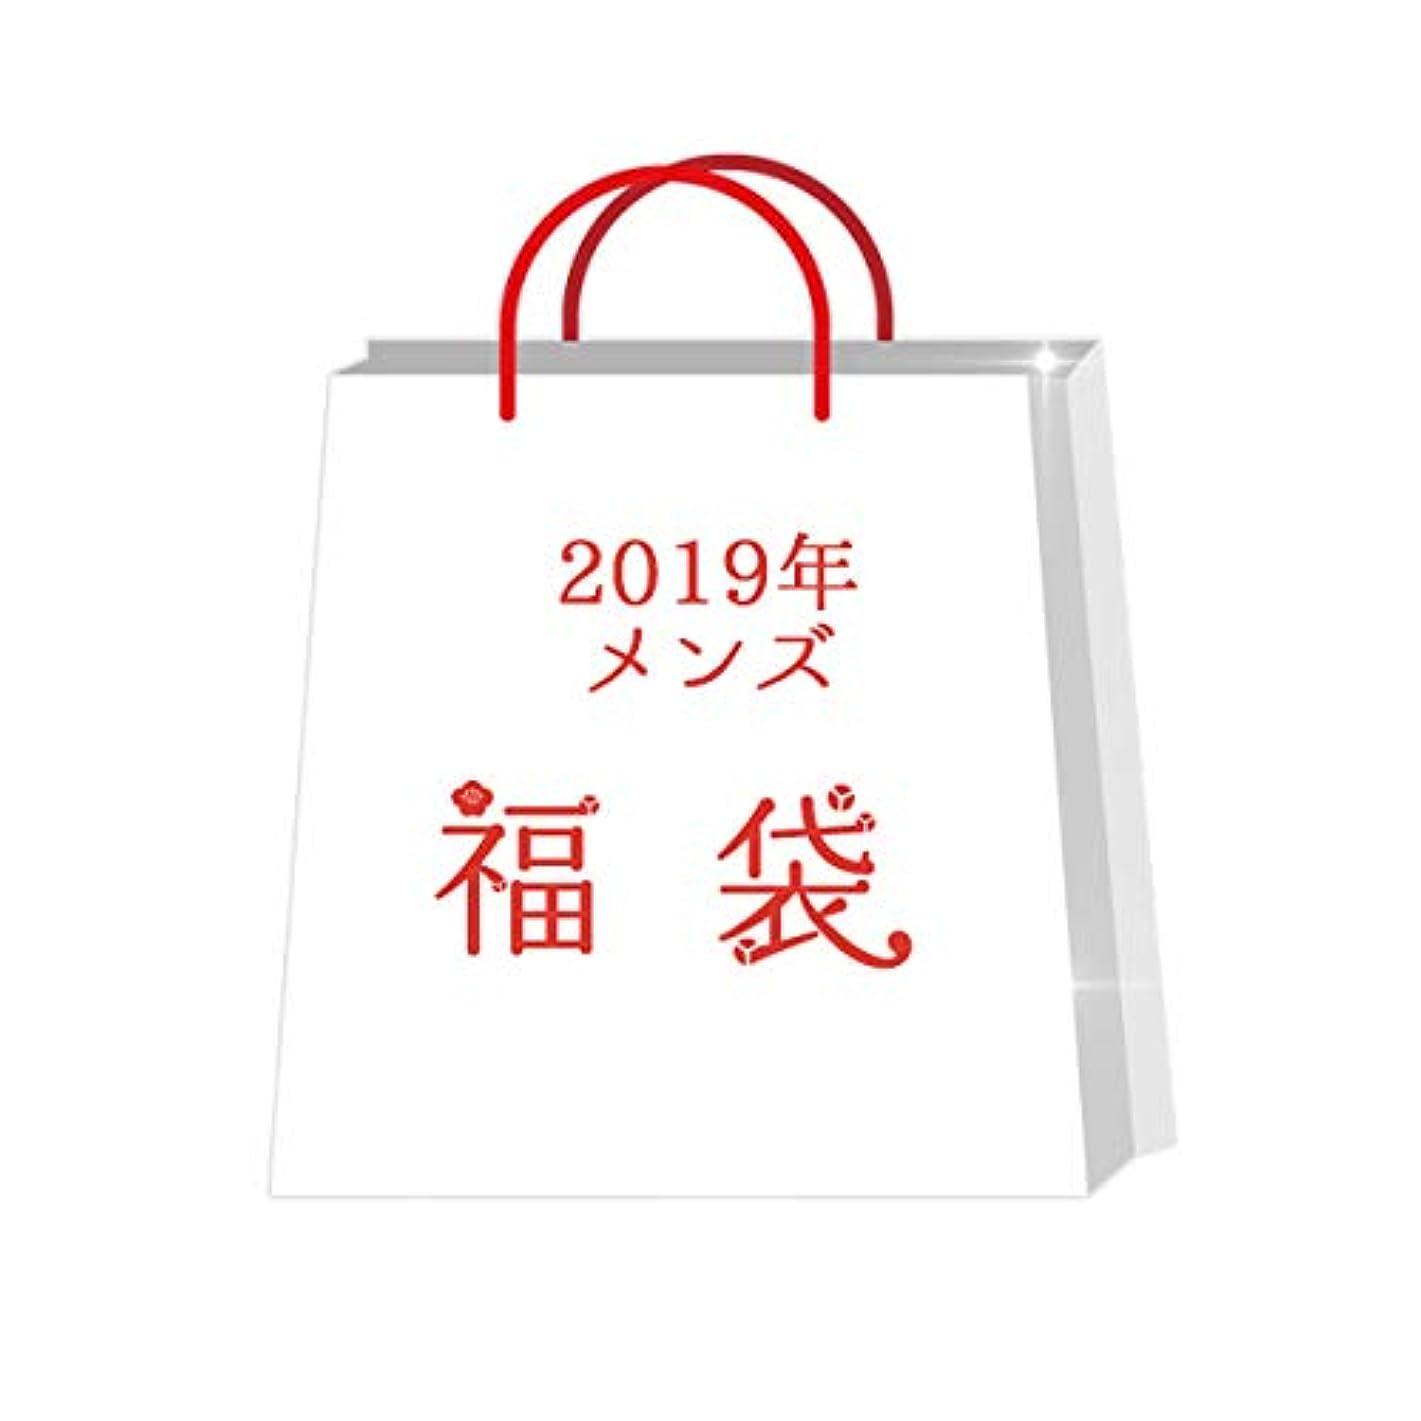 私の絶滅誘導2019年福袋 ◆ 運だめし福袋! 1000円ぽっきり メンズ 福袋!